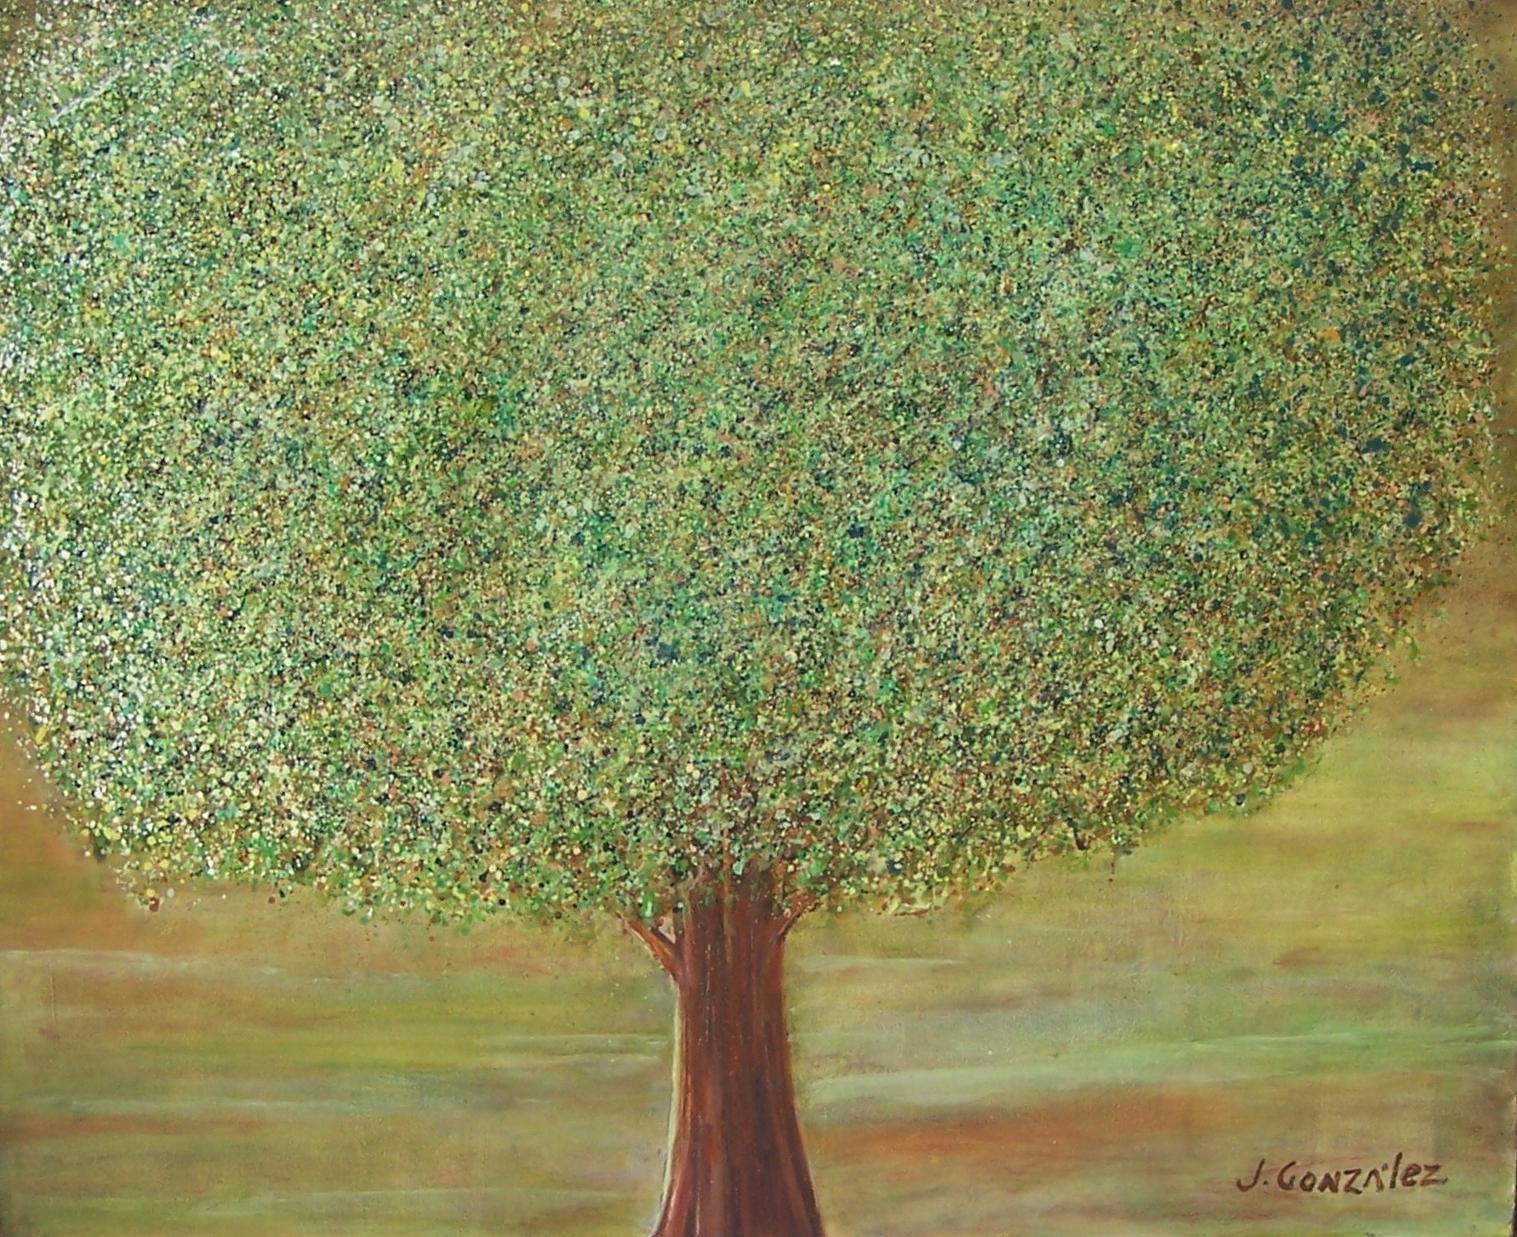 El árbol de Pollock